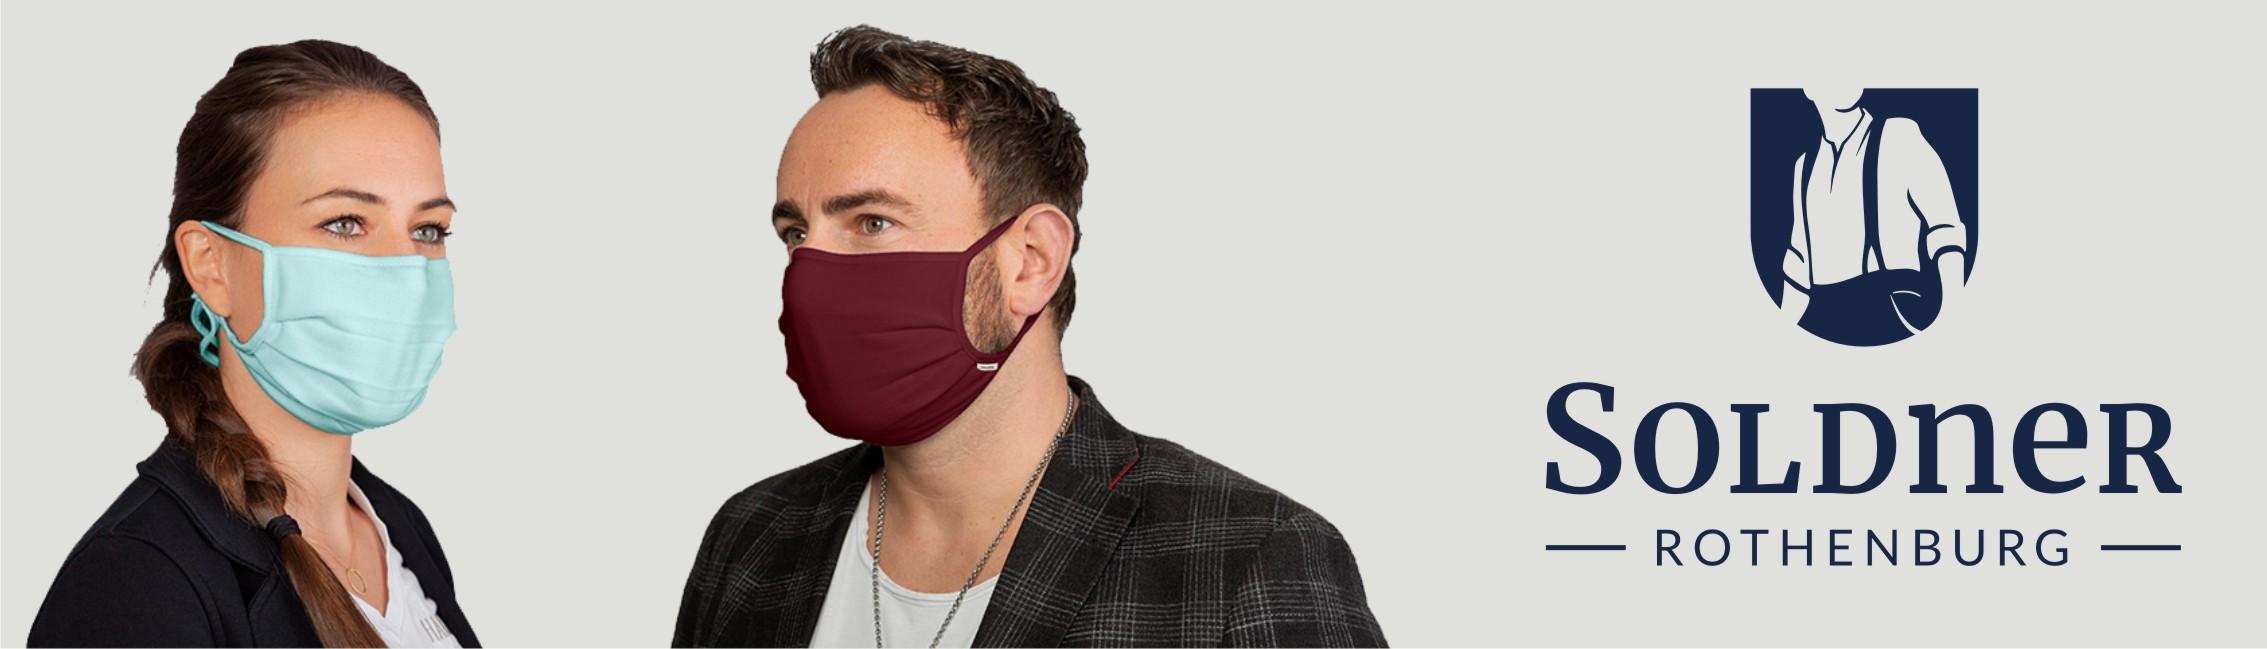 HAKRO Mund-Nasen-Bedeckungen